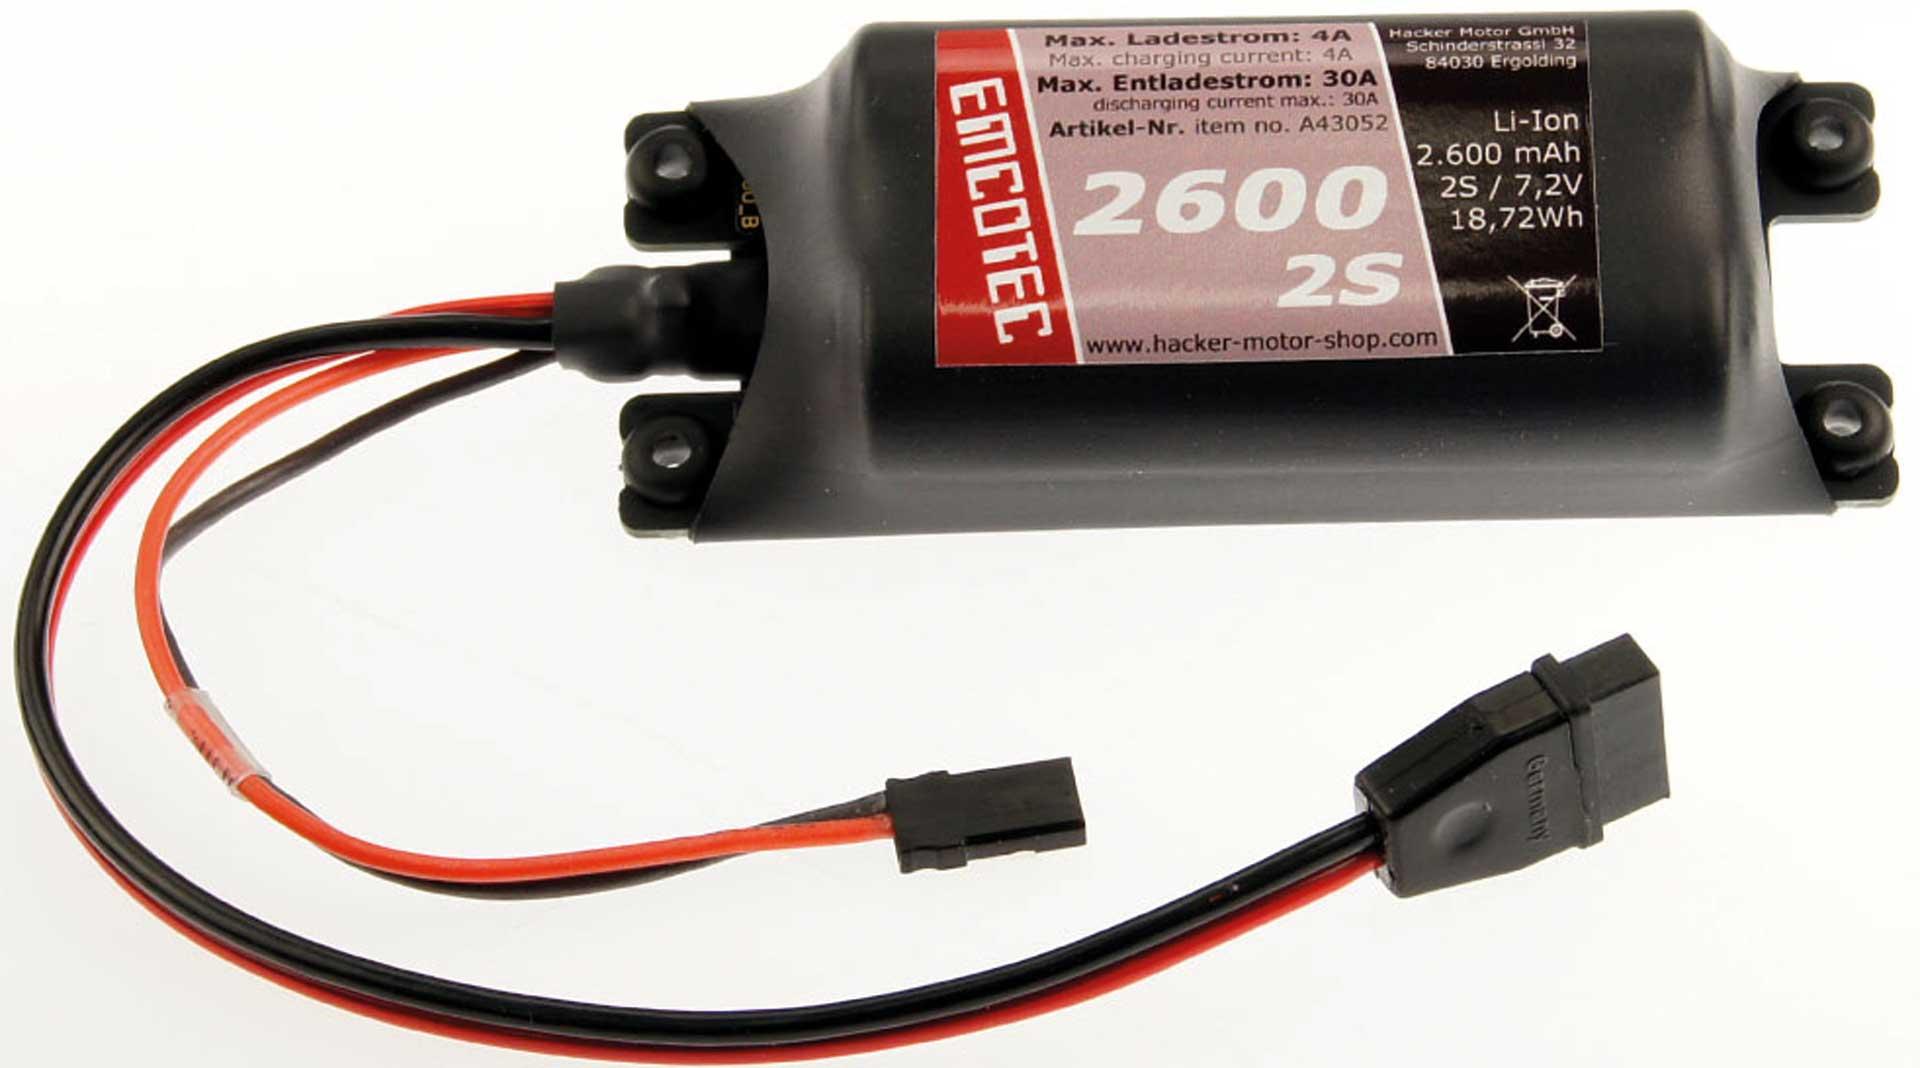 Emcotec LiIon-Akku 2600mAh 7,2V 2S Compact 30A Platine